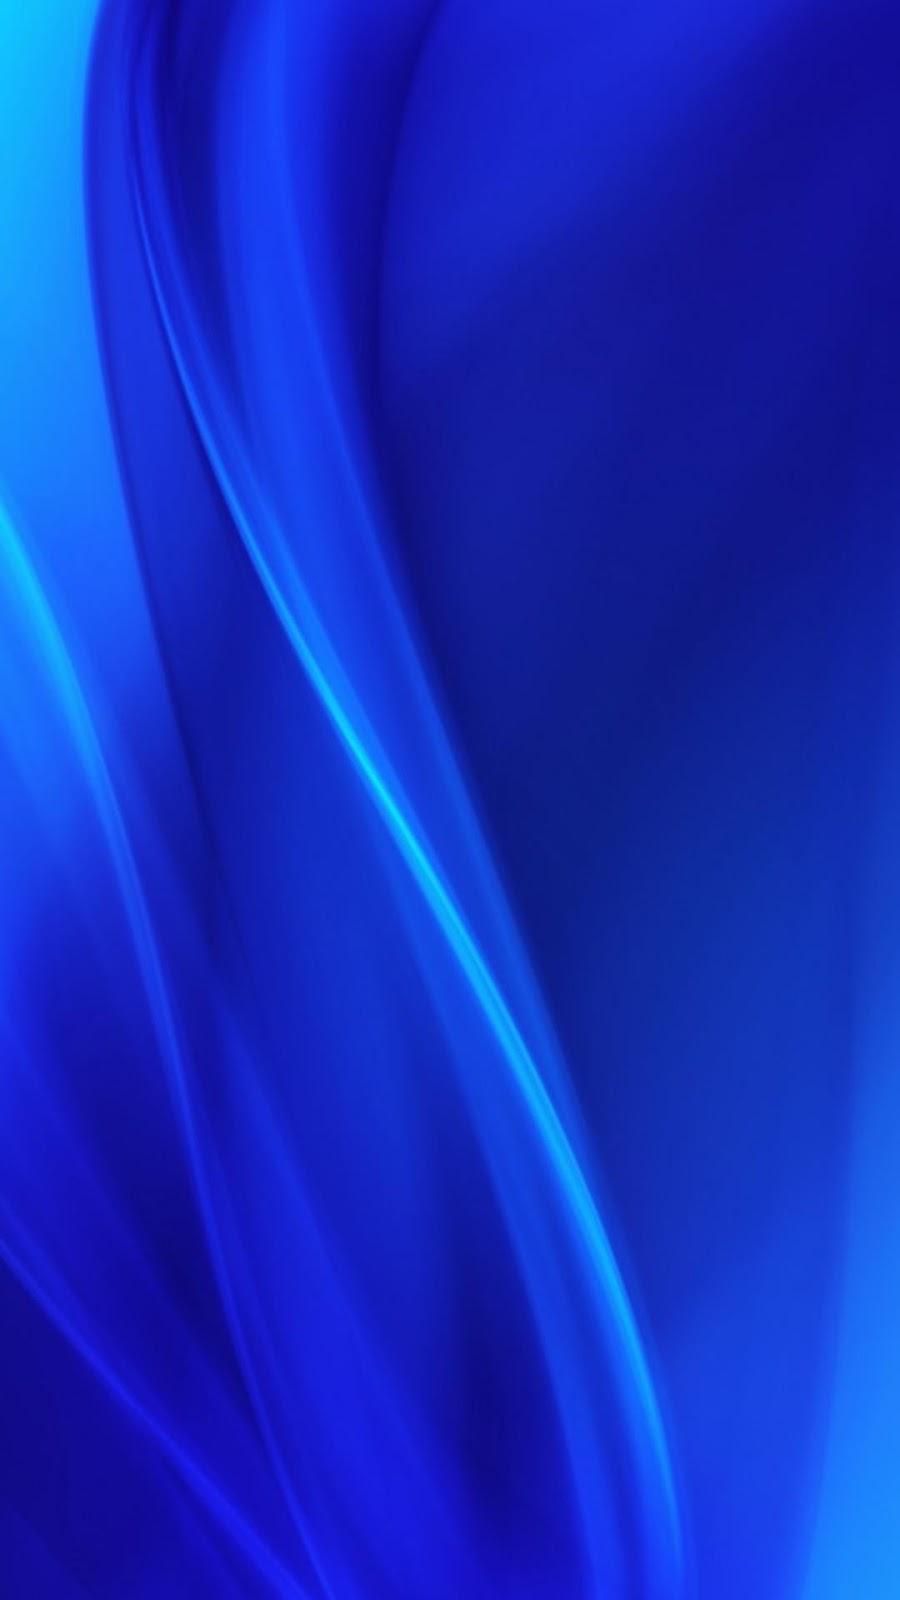 Hình nền full hd 1080p cho điện thoại